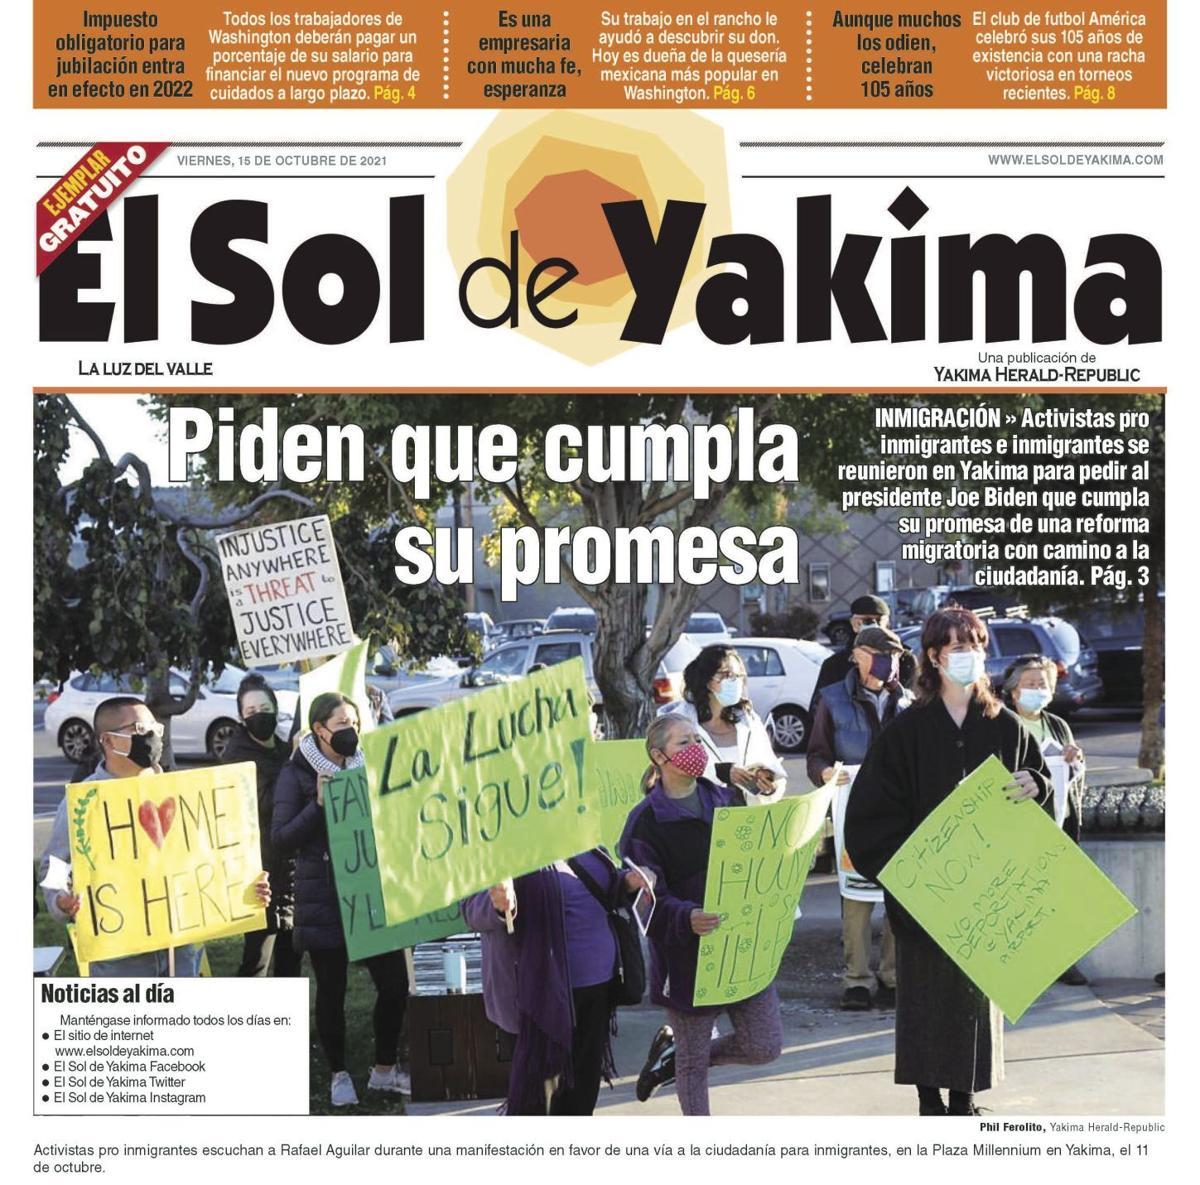 LÍDER EN NOTICIAS EN EL VALLE DE YAKIMA